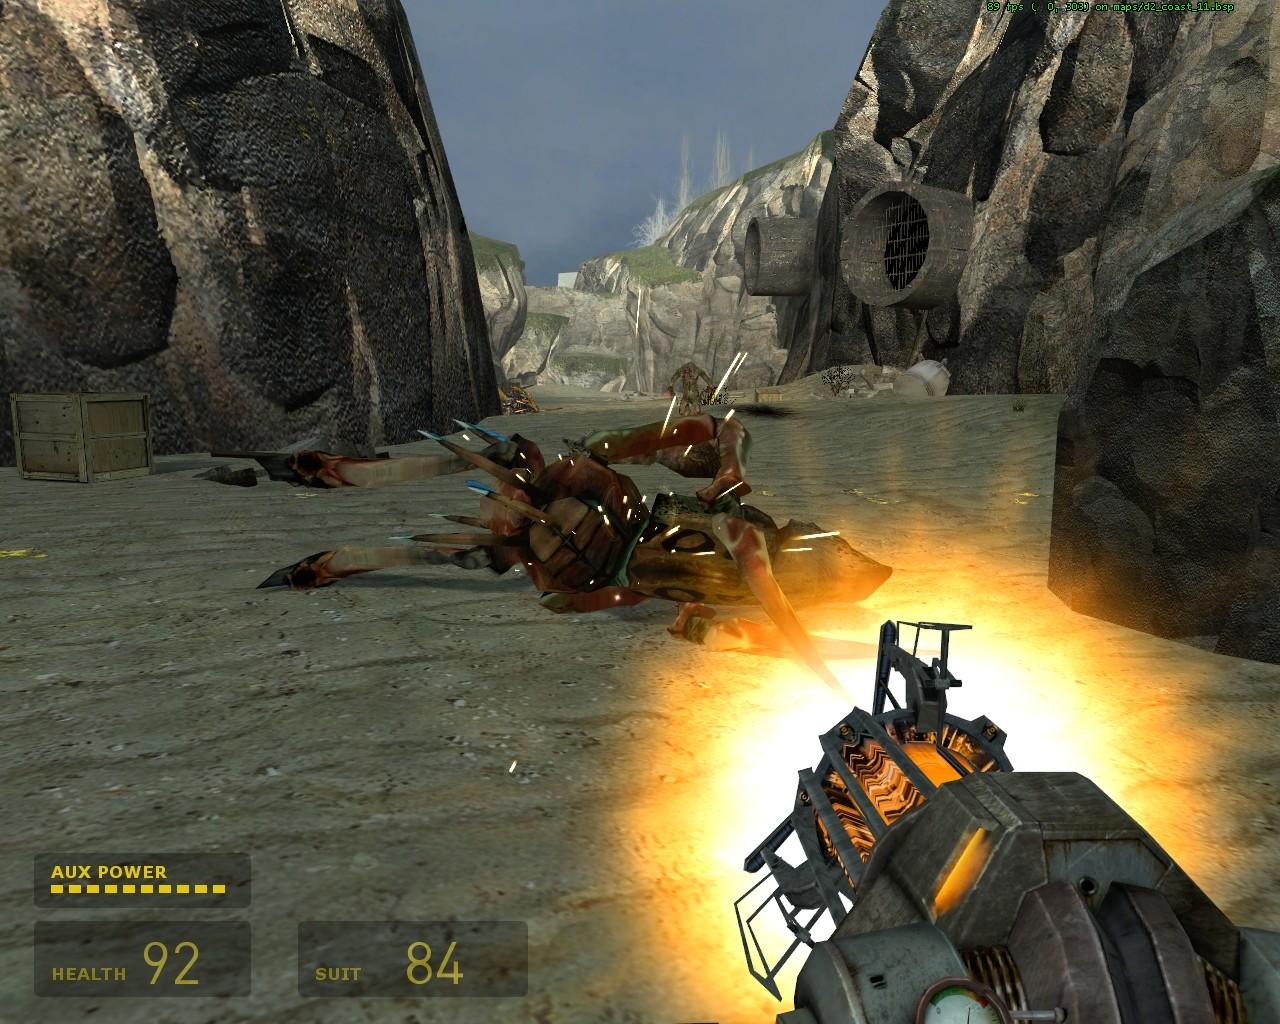 Не притягивается, но оттолкнуть можно - Half-Life 2